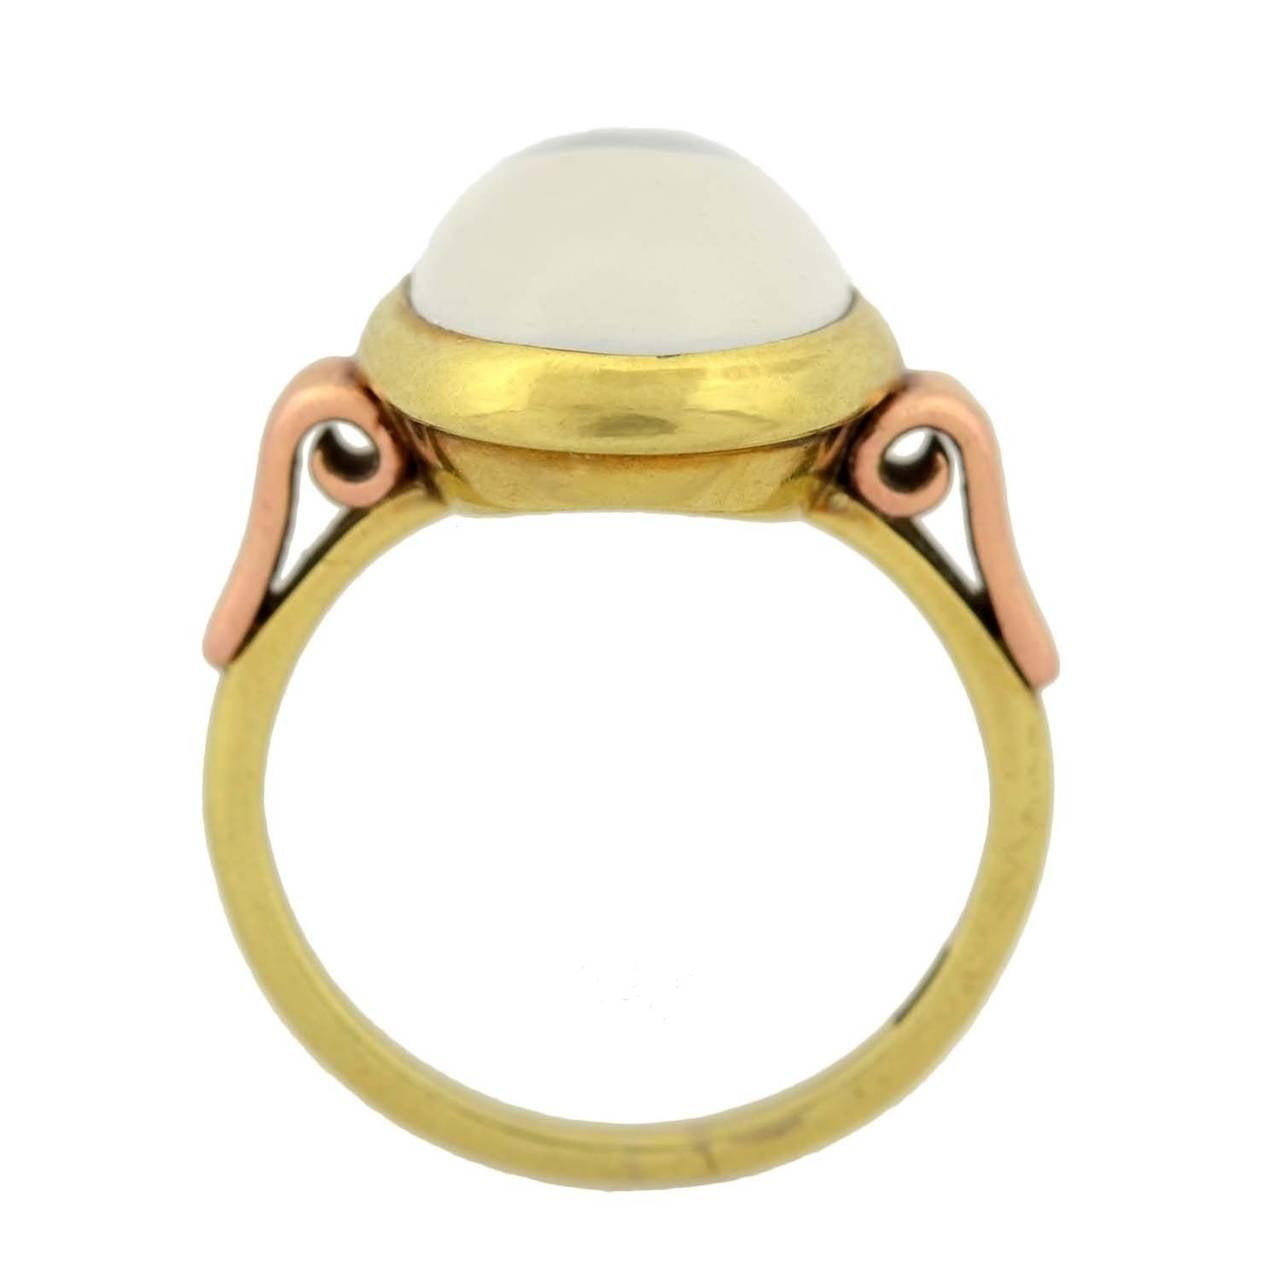 Women's Art Nouveau Mixed Metals Moonstone Cabochon Ring